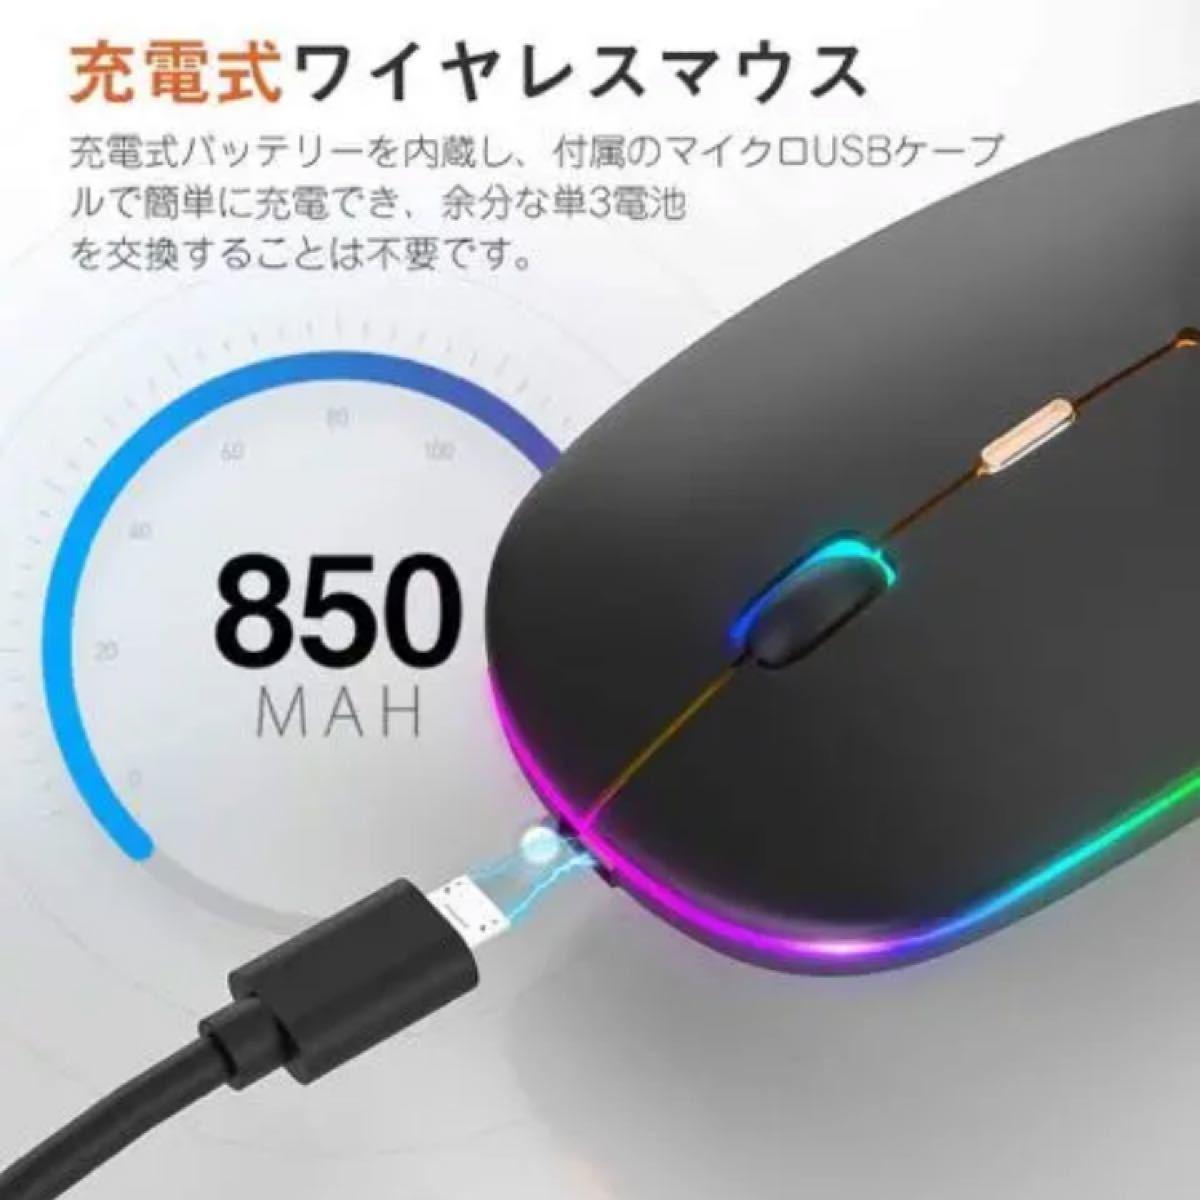 【最新版】ワイヤレスマウス 静音 超軽量 USB 薄型 (ブラック)